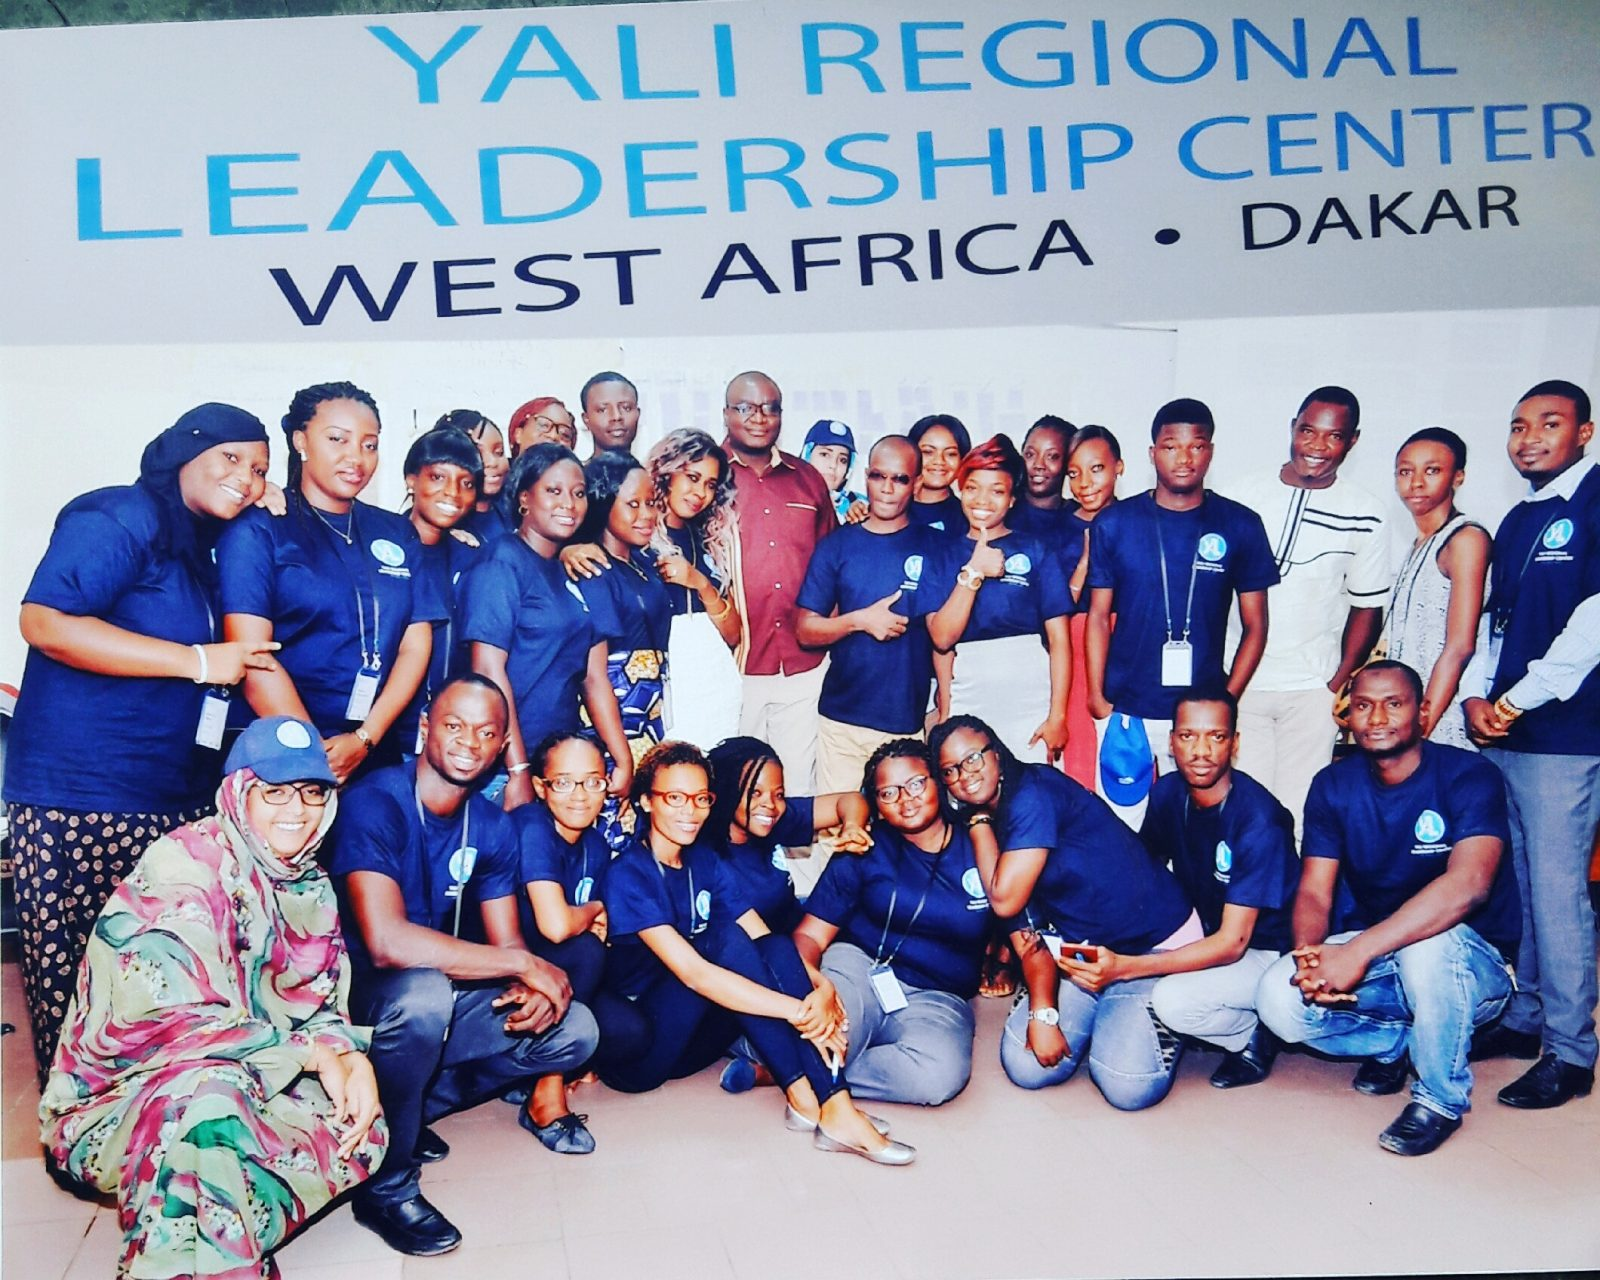 Clôture de session de la 9è promo du Yali à Dakar : « Investir dans la prochaine génération de dirigeants africains, un préalable à l'essor des démocraties du continent»